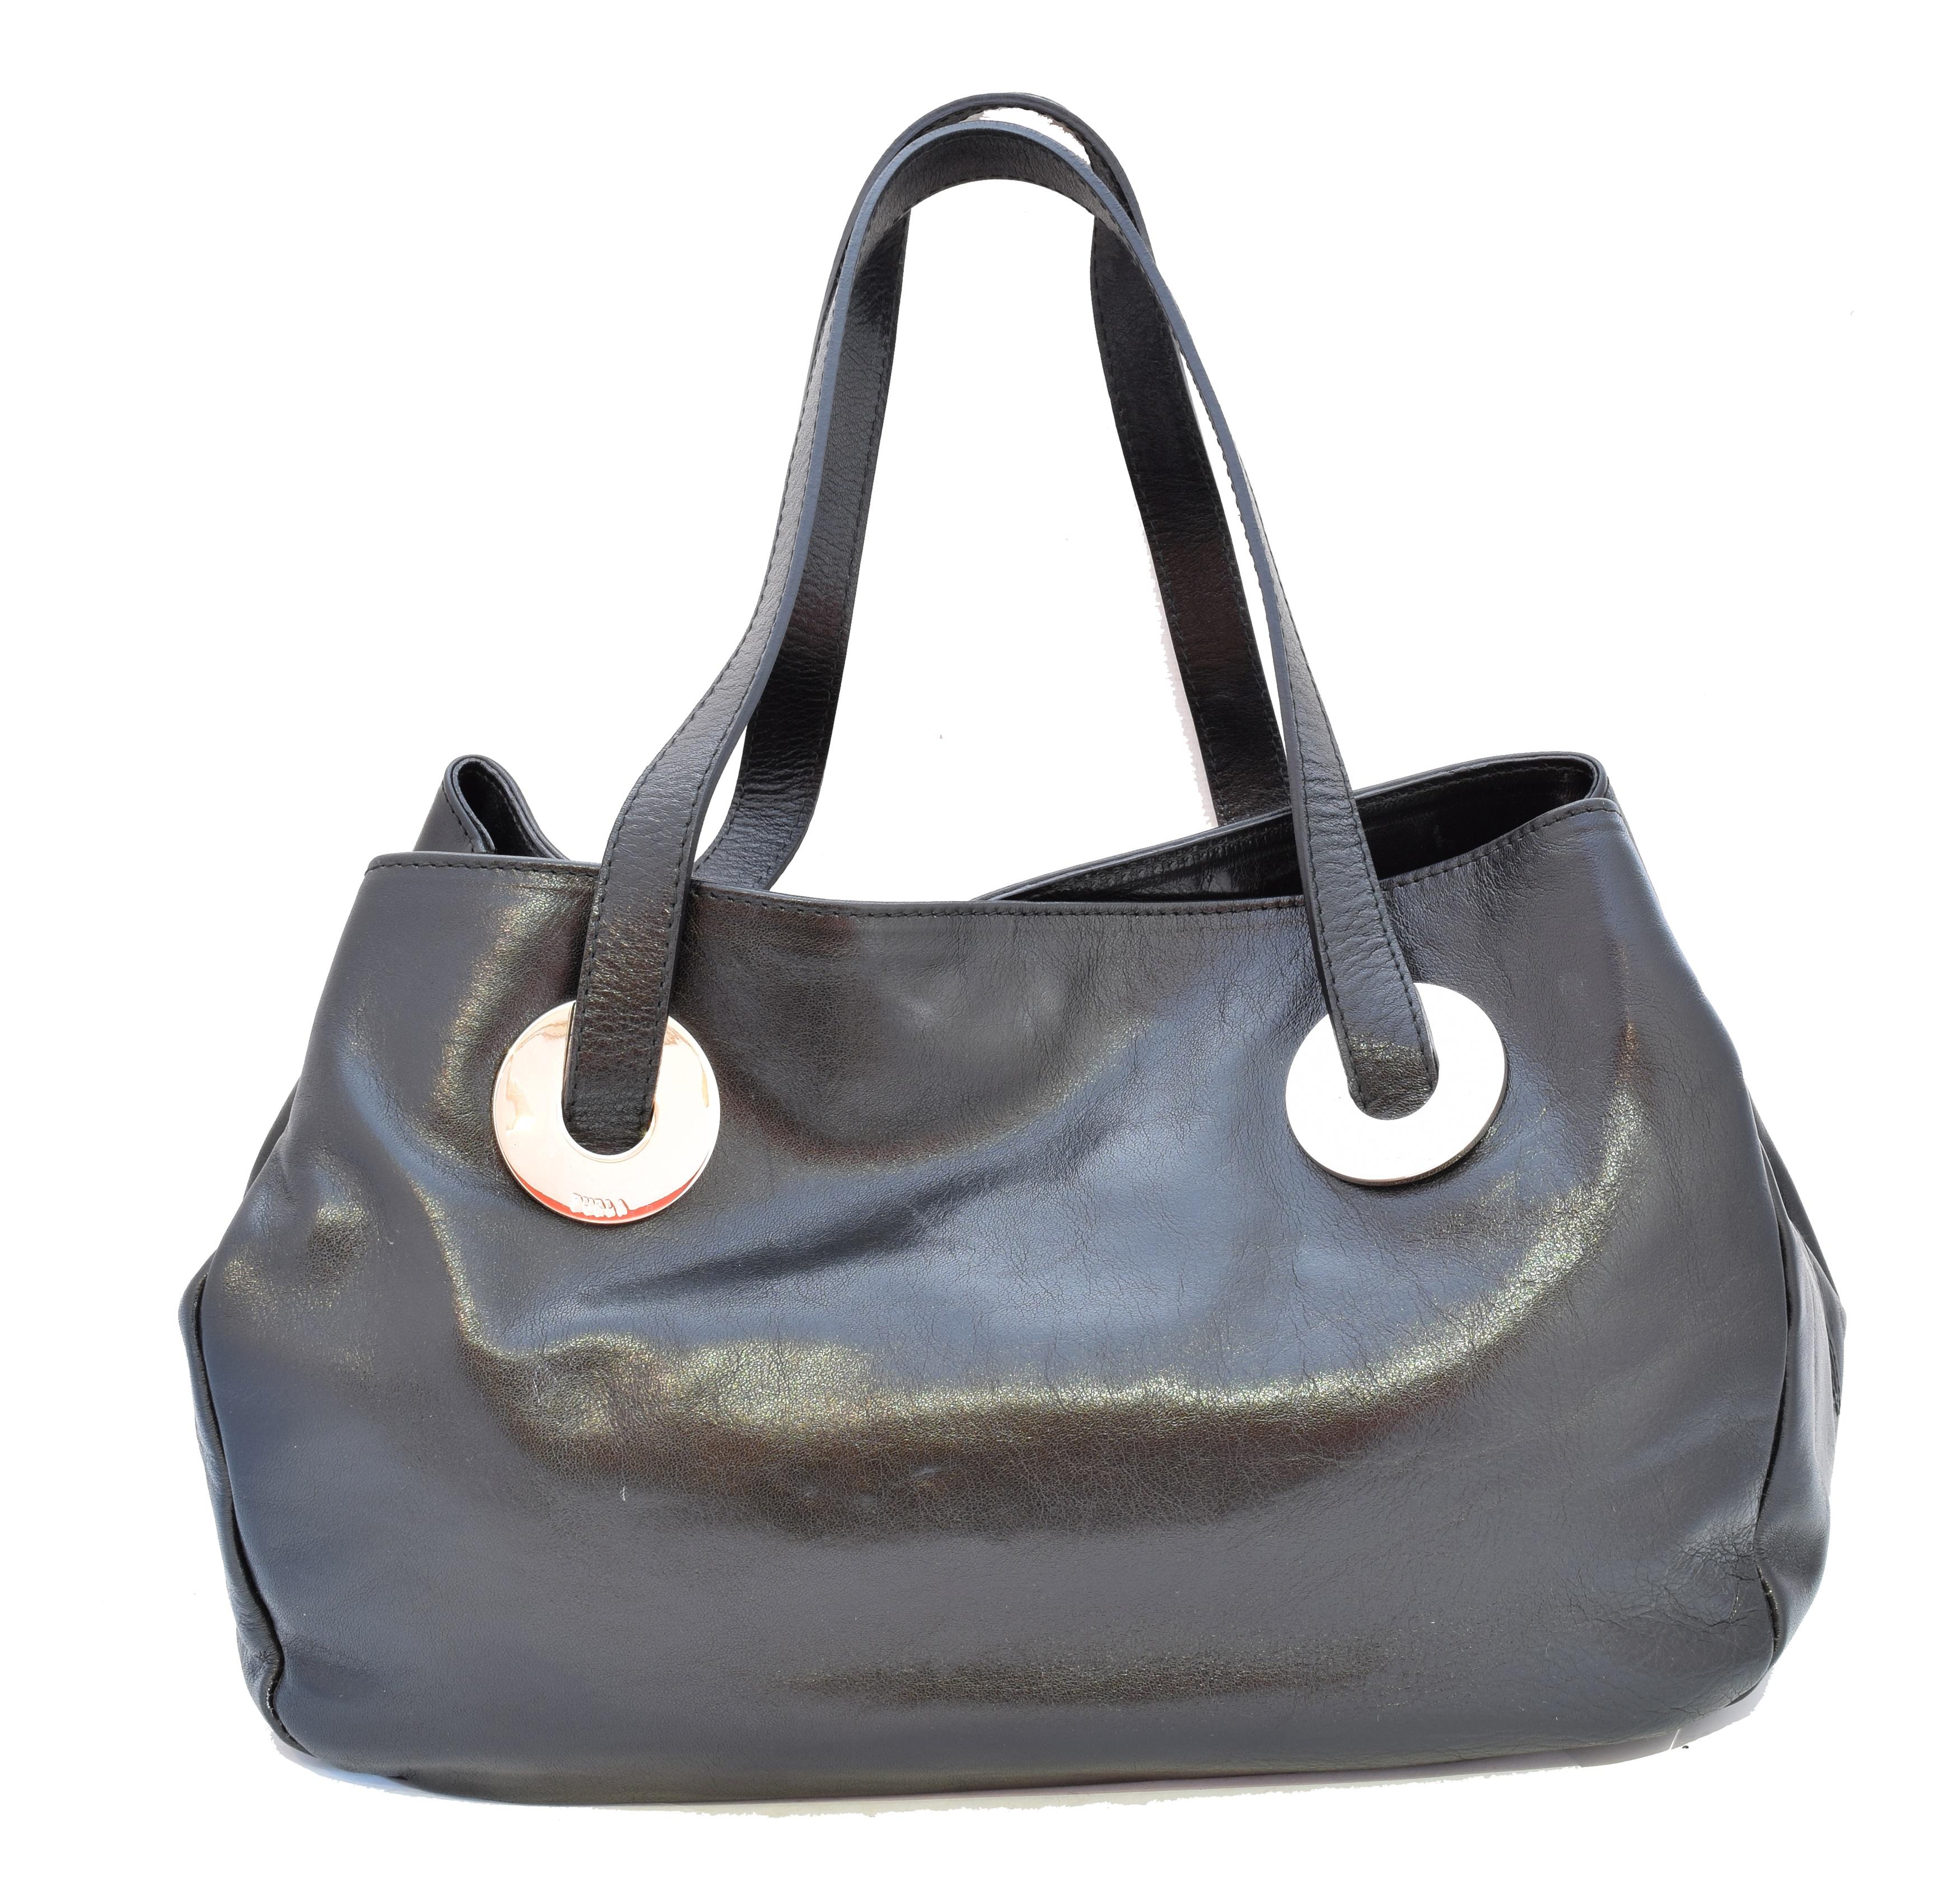 A Furla handbag,